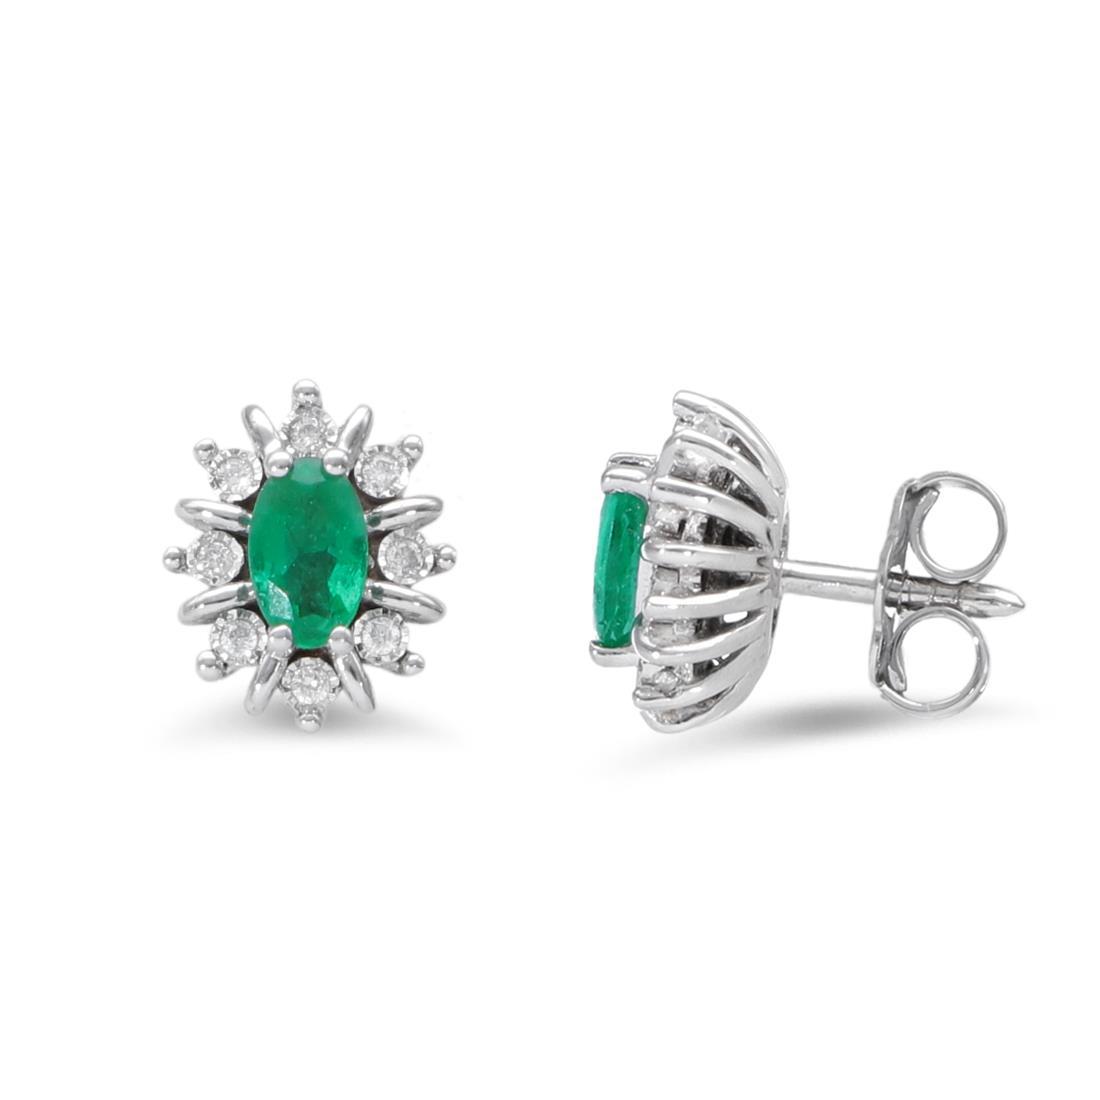 Pendientes con esmeraldas y diamantes - LUXURY ZONE